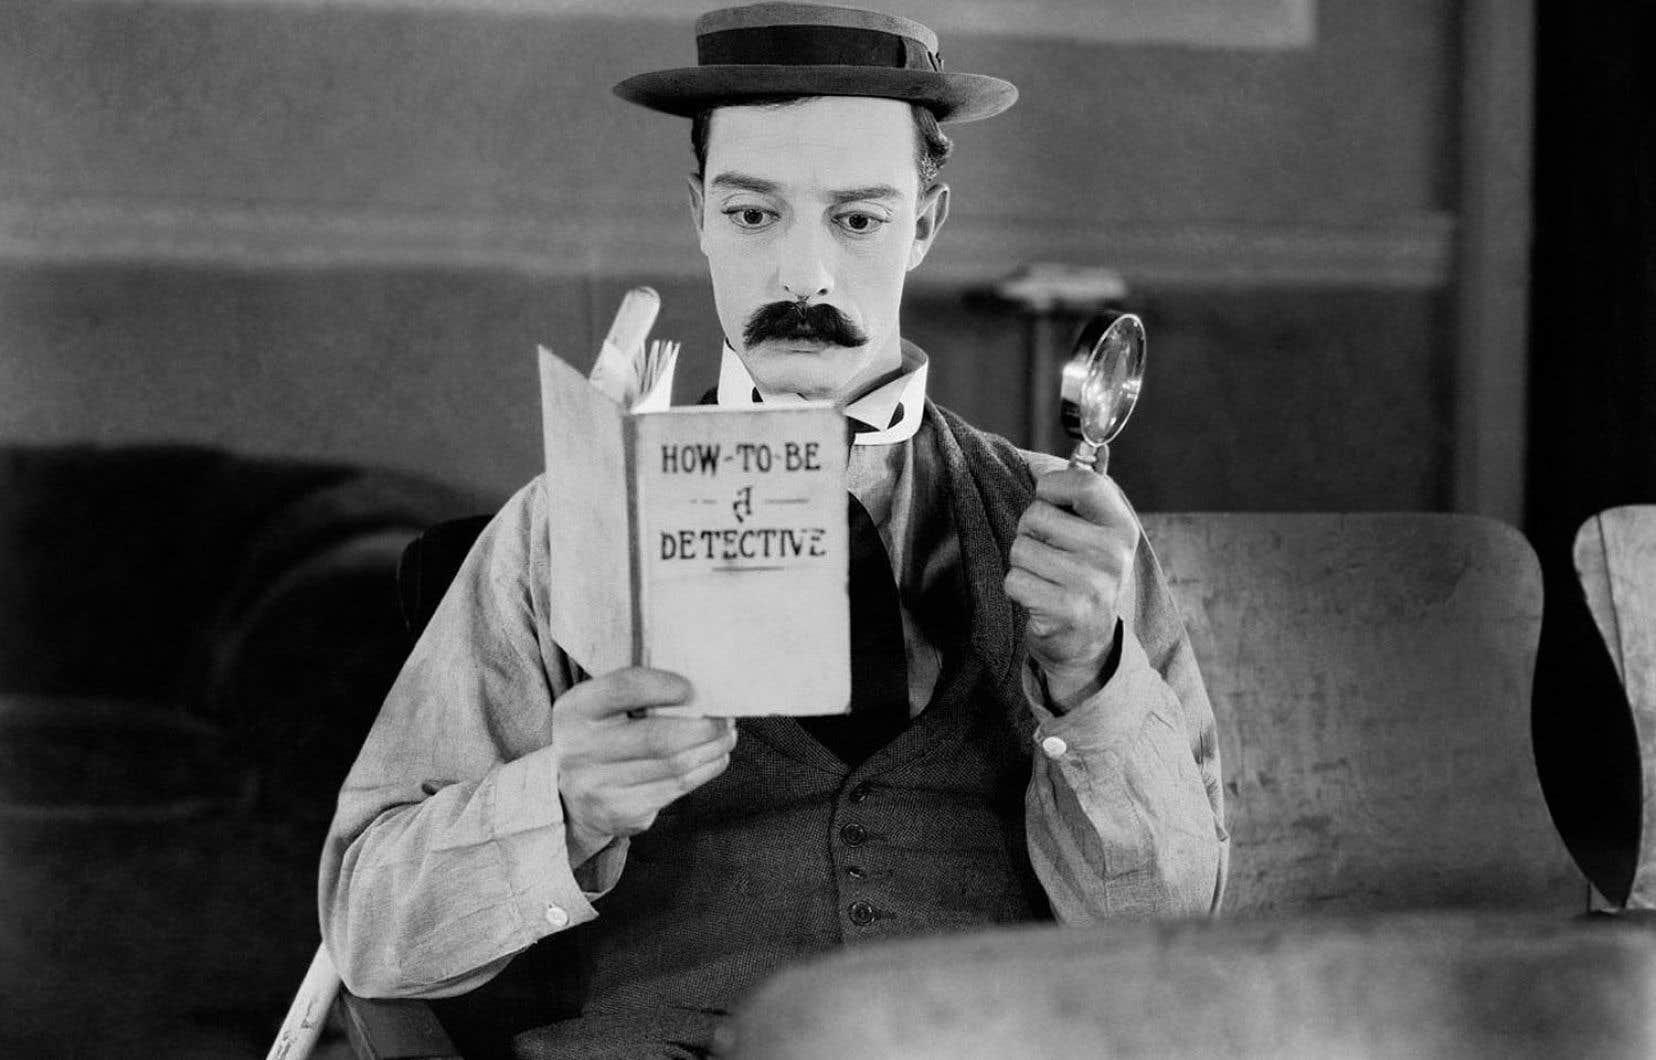 «Buster Keaton: une célébration» constitue un vibrant hommage au talent prodigieux et au courage exceptionnel de celui qui fut brièvement l'égal de Charles Chaplin.